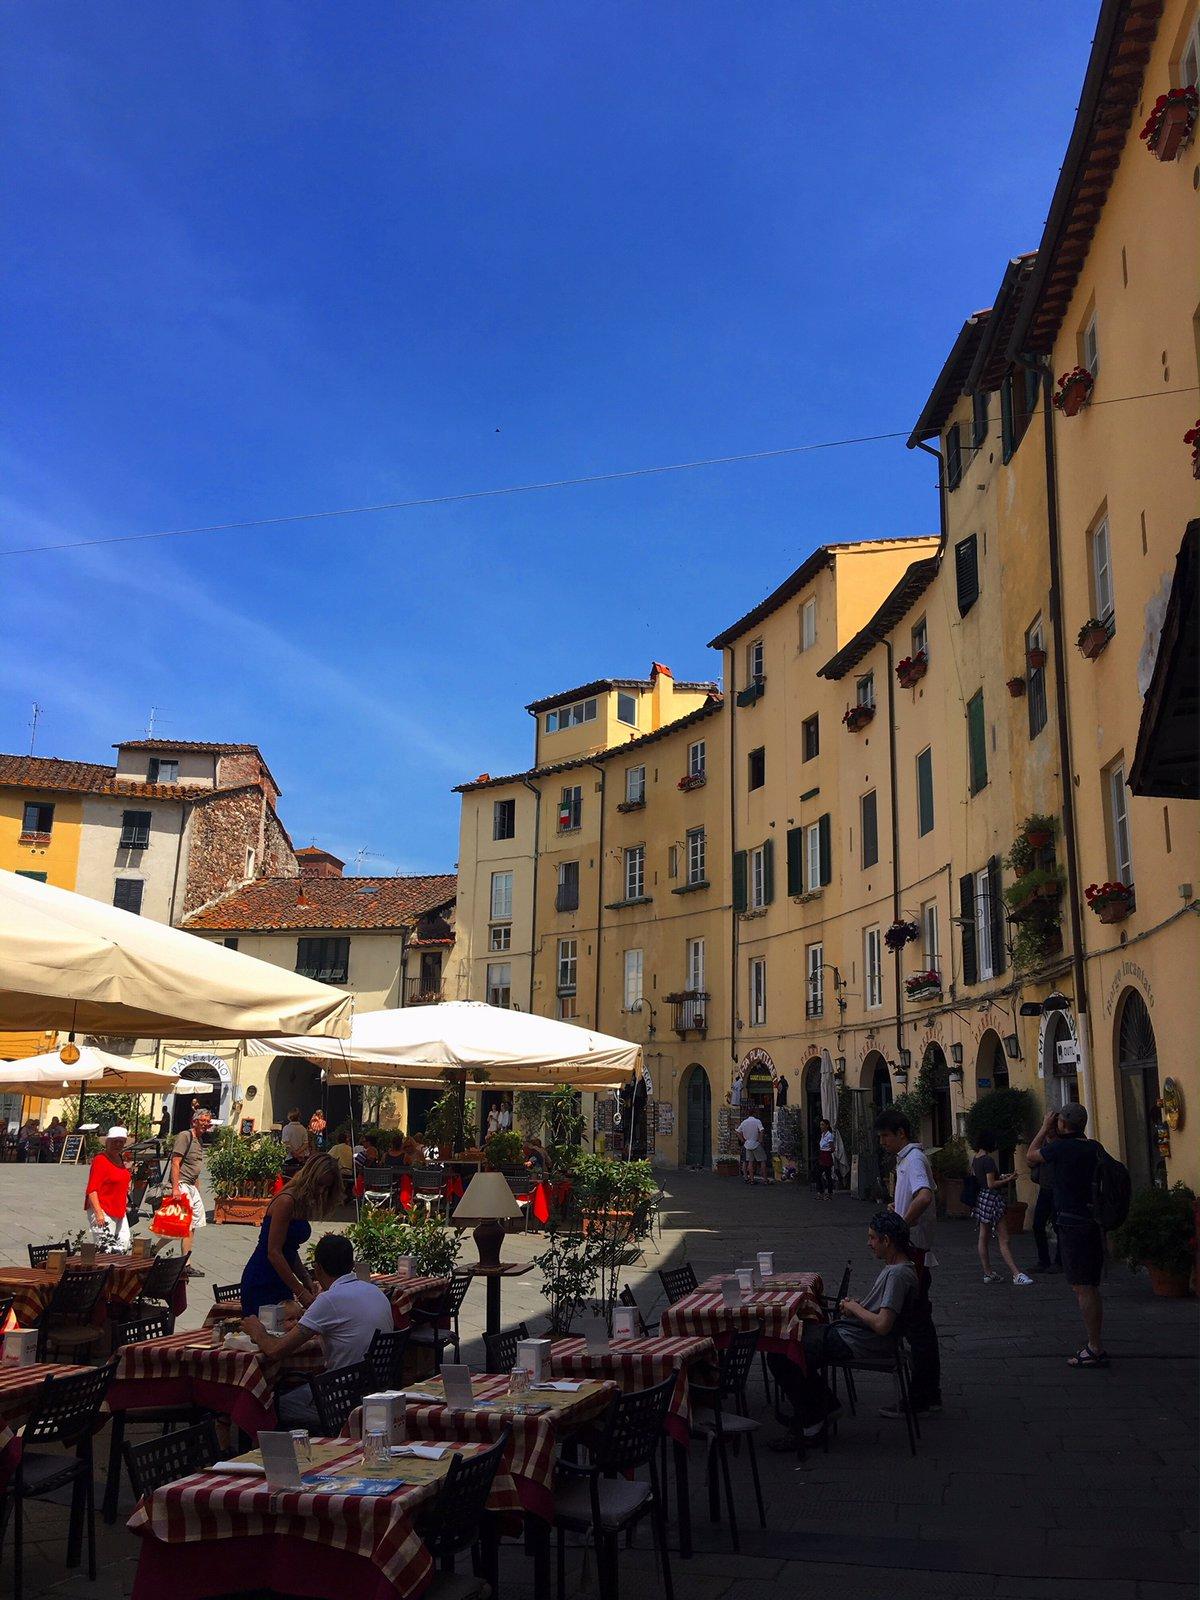 Piazza Antifeatro Lucca